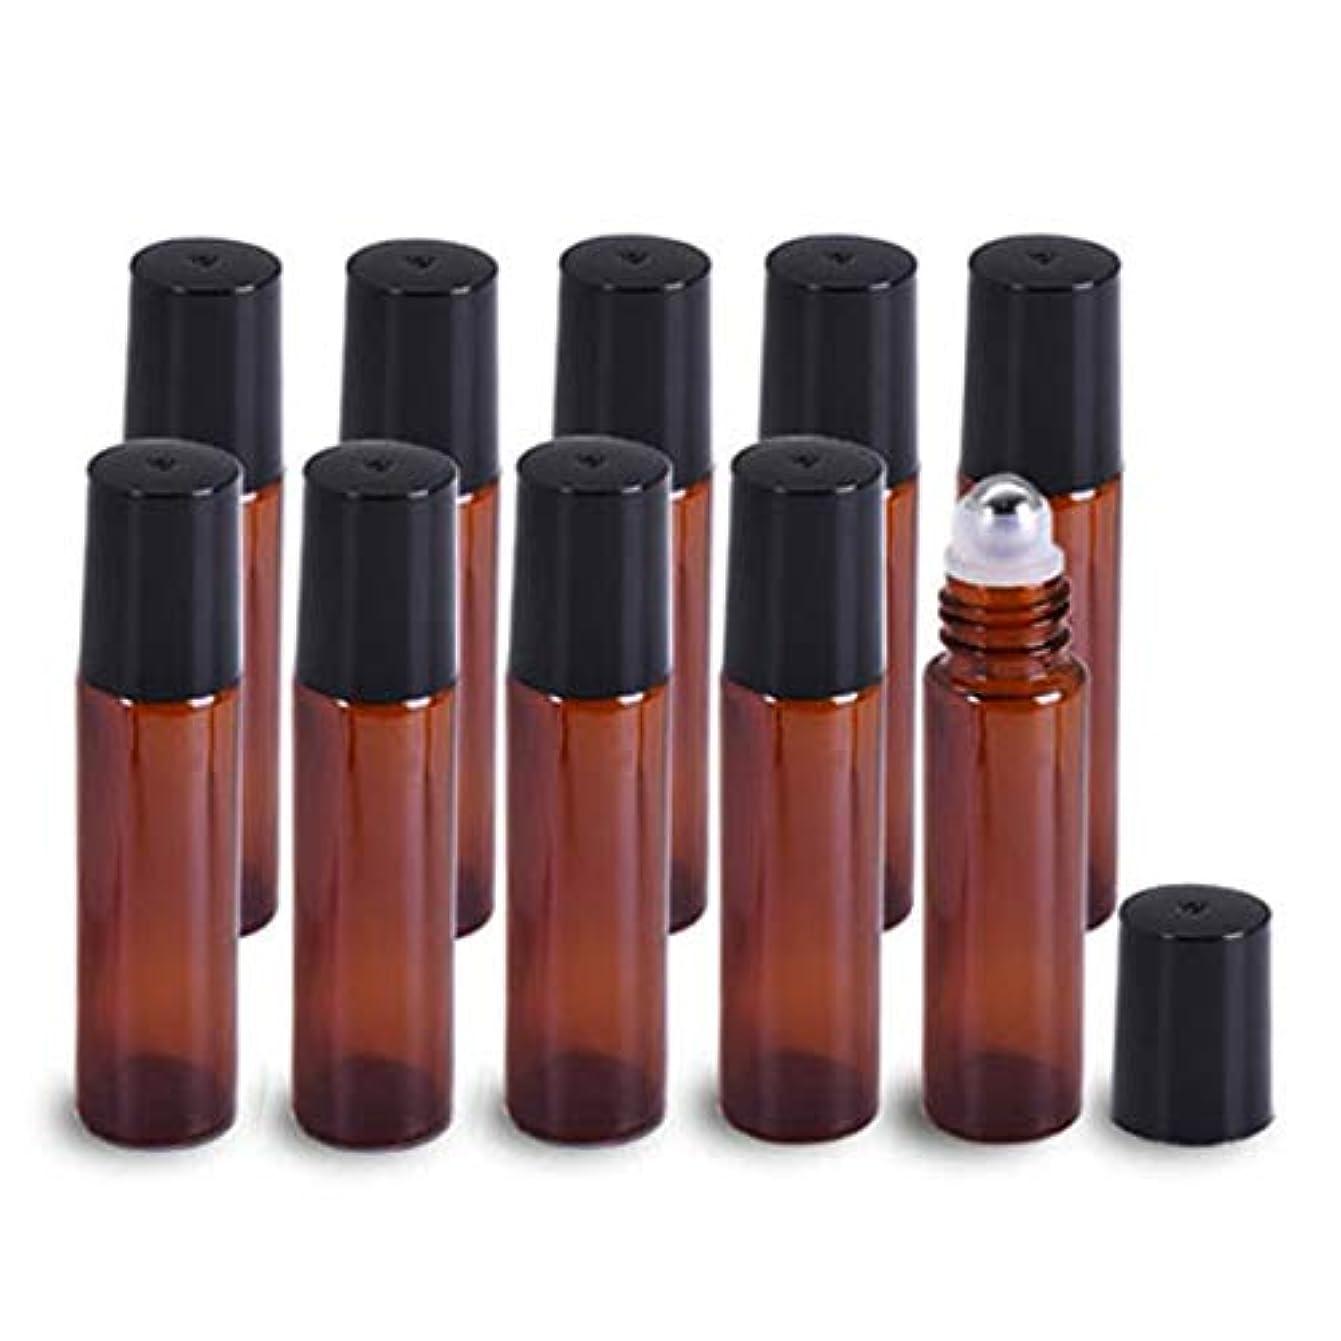 聖人誤解する不均一Yiteng ロールオンボトル アロマオイル アロマボトル ガラスロールタイプ 遮光瓶 保存容器 小分け用 茶色 収納ケース付き 10ml 10本セット